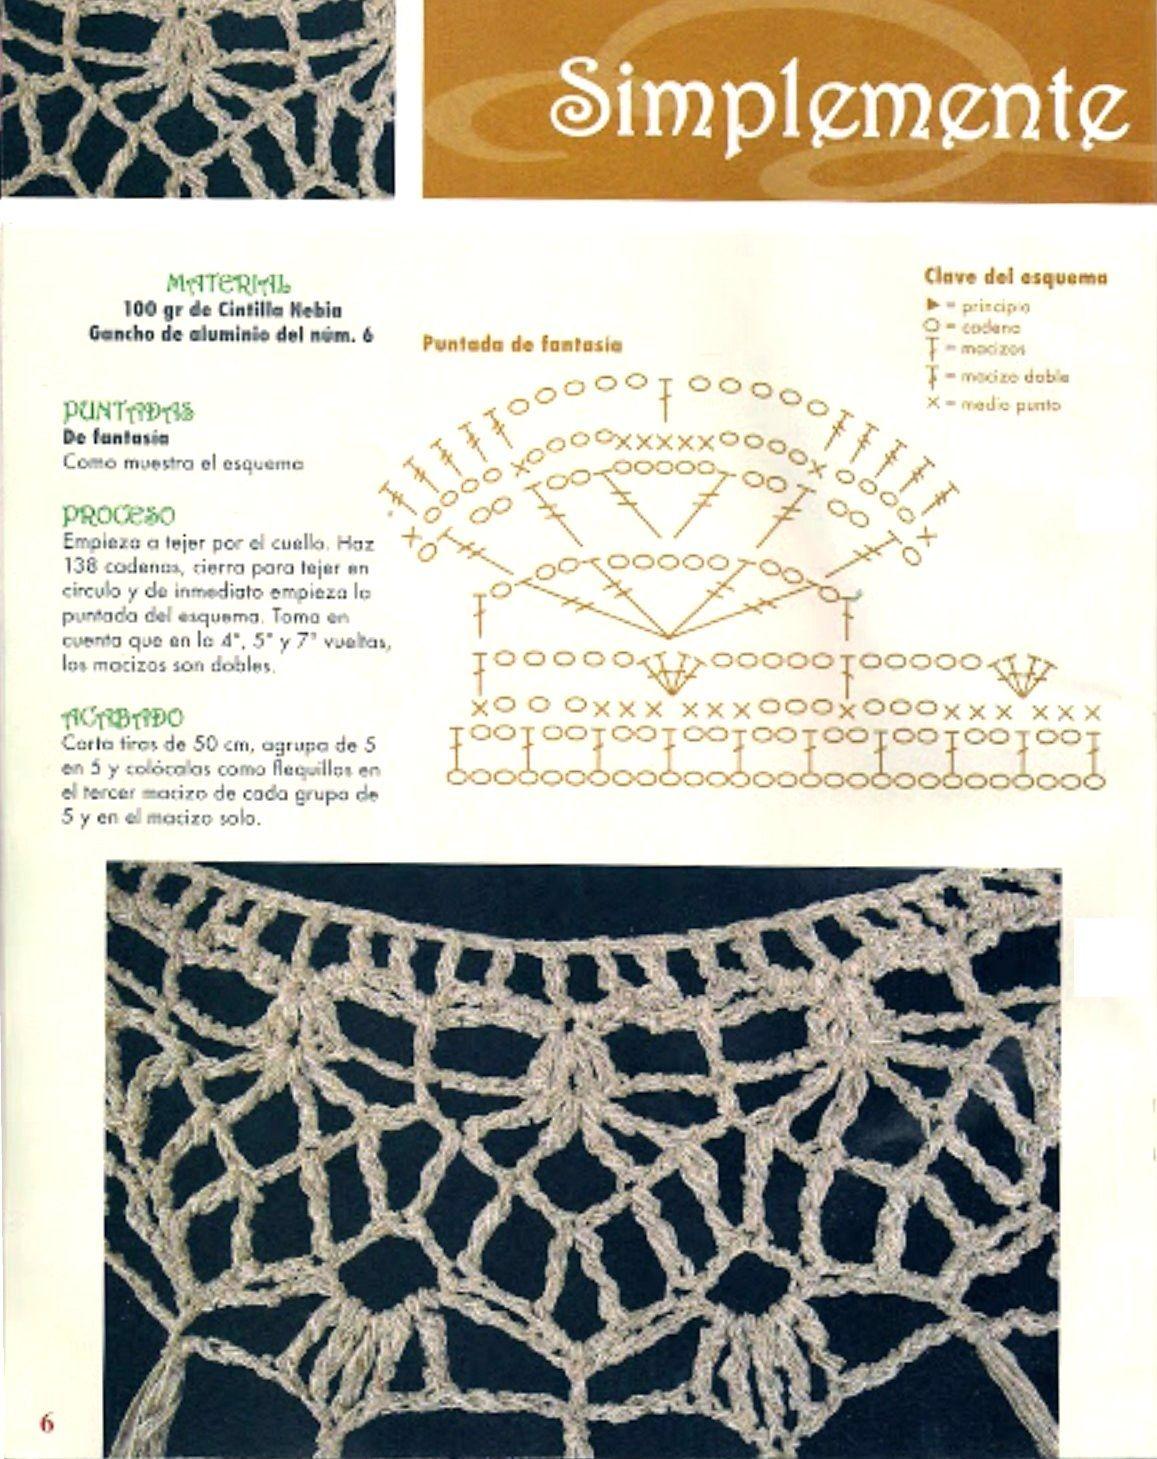 Vistoso Los Patrones De Crochet Libre Para Cuellos Galería - Manta ...